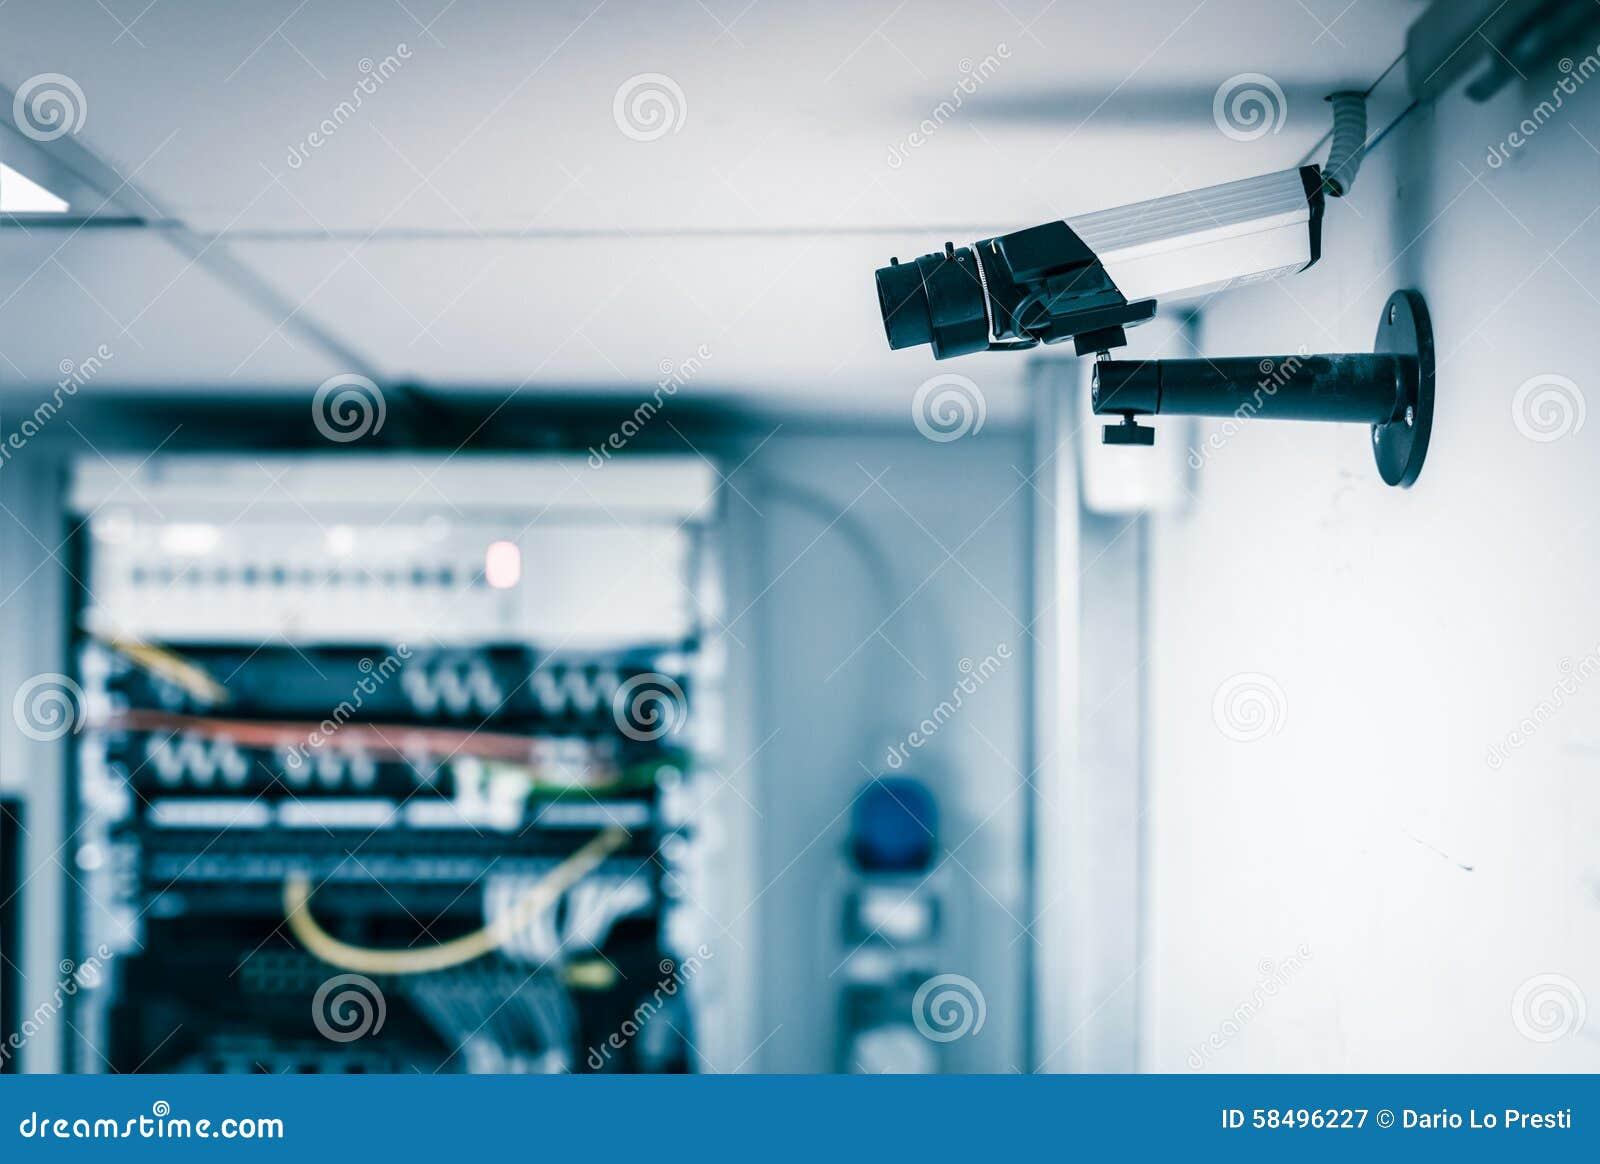 Server farm security camera